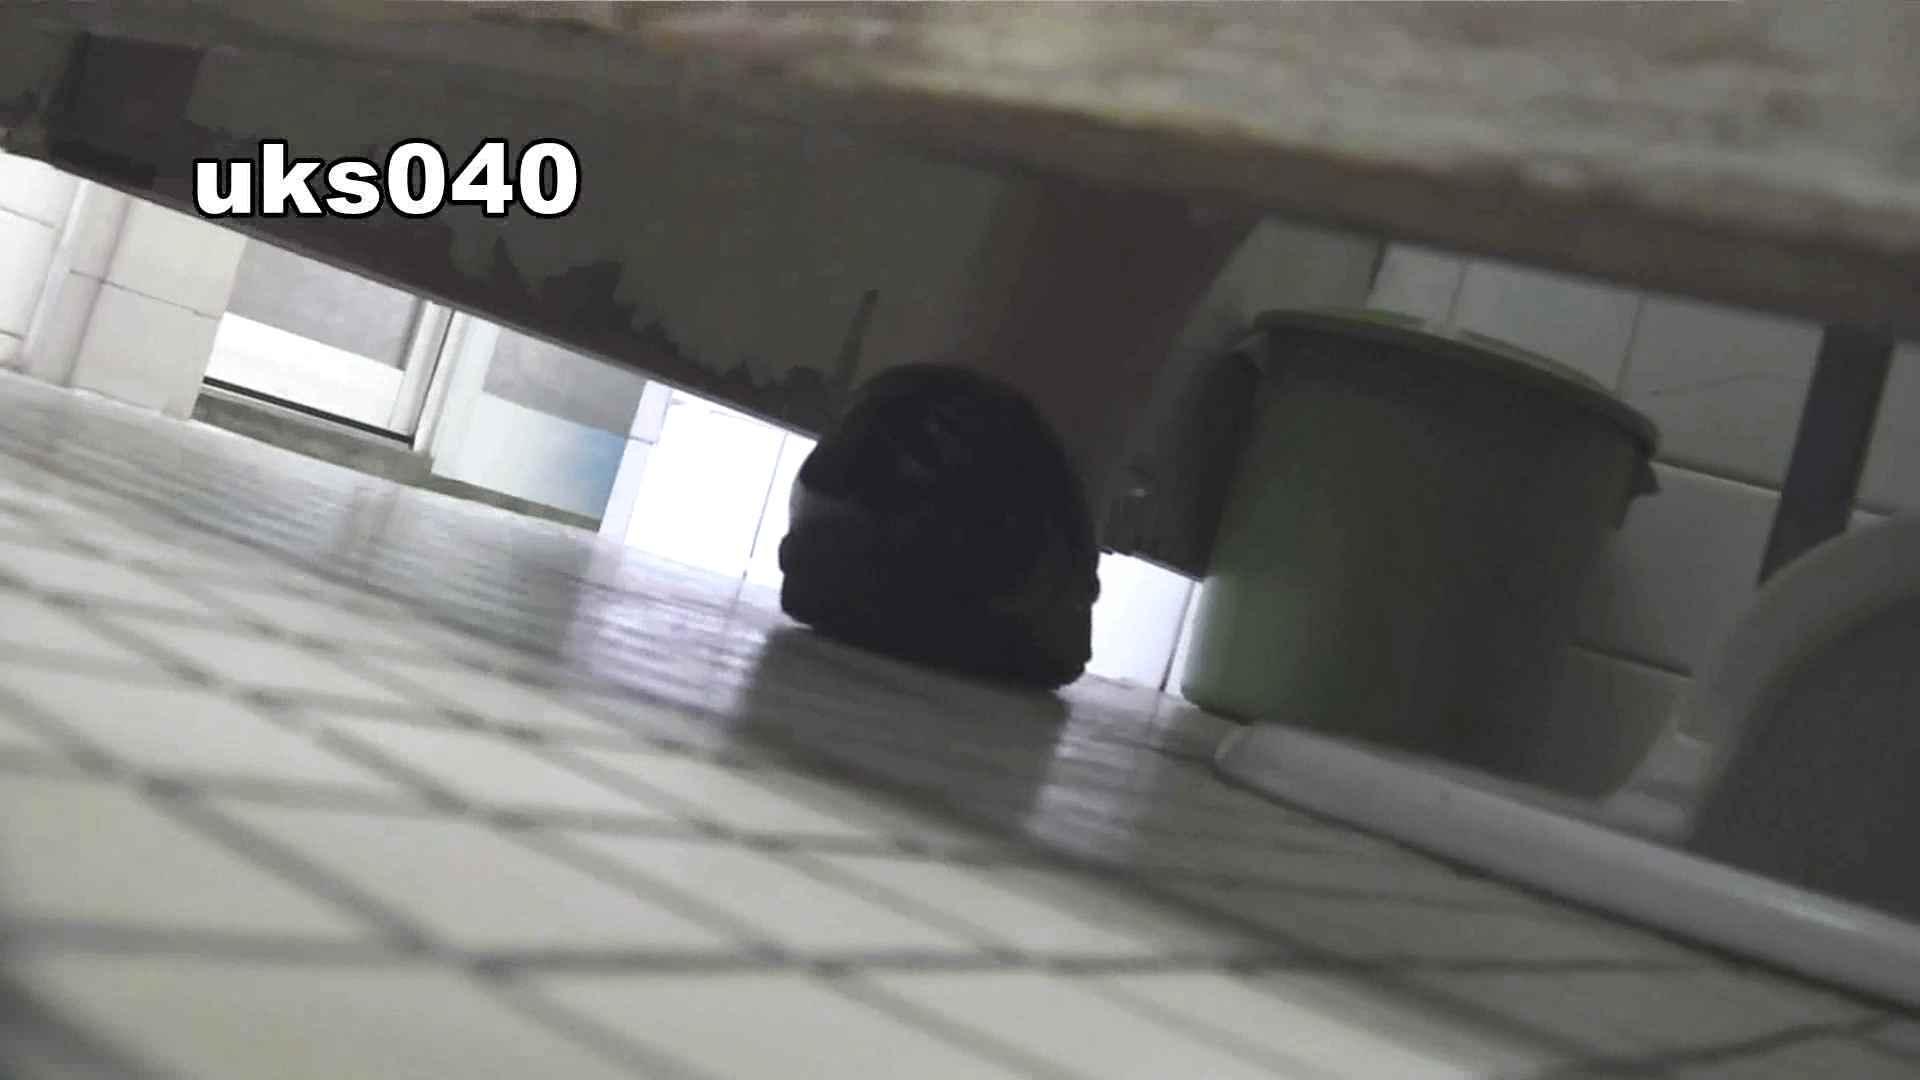 【美しき個室な世界】 vol.040 出て行かれる時の清楚姿撮り 高画質  88PIX 3